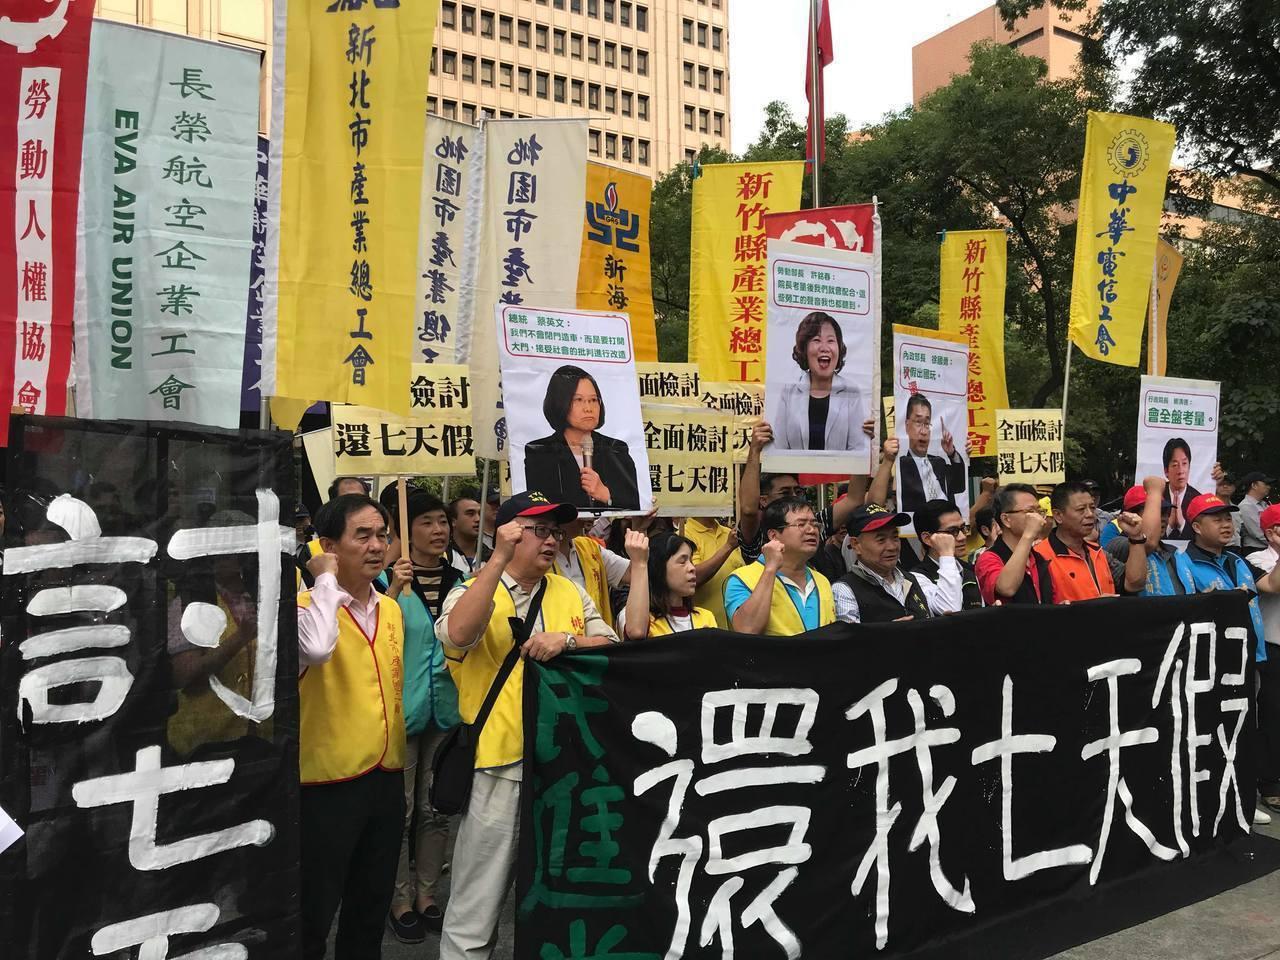 10多個勞工團體聚集在內政部前高舉旗幟,抗議民進黨政府砍勞工7天假。記者林麒瑋/...